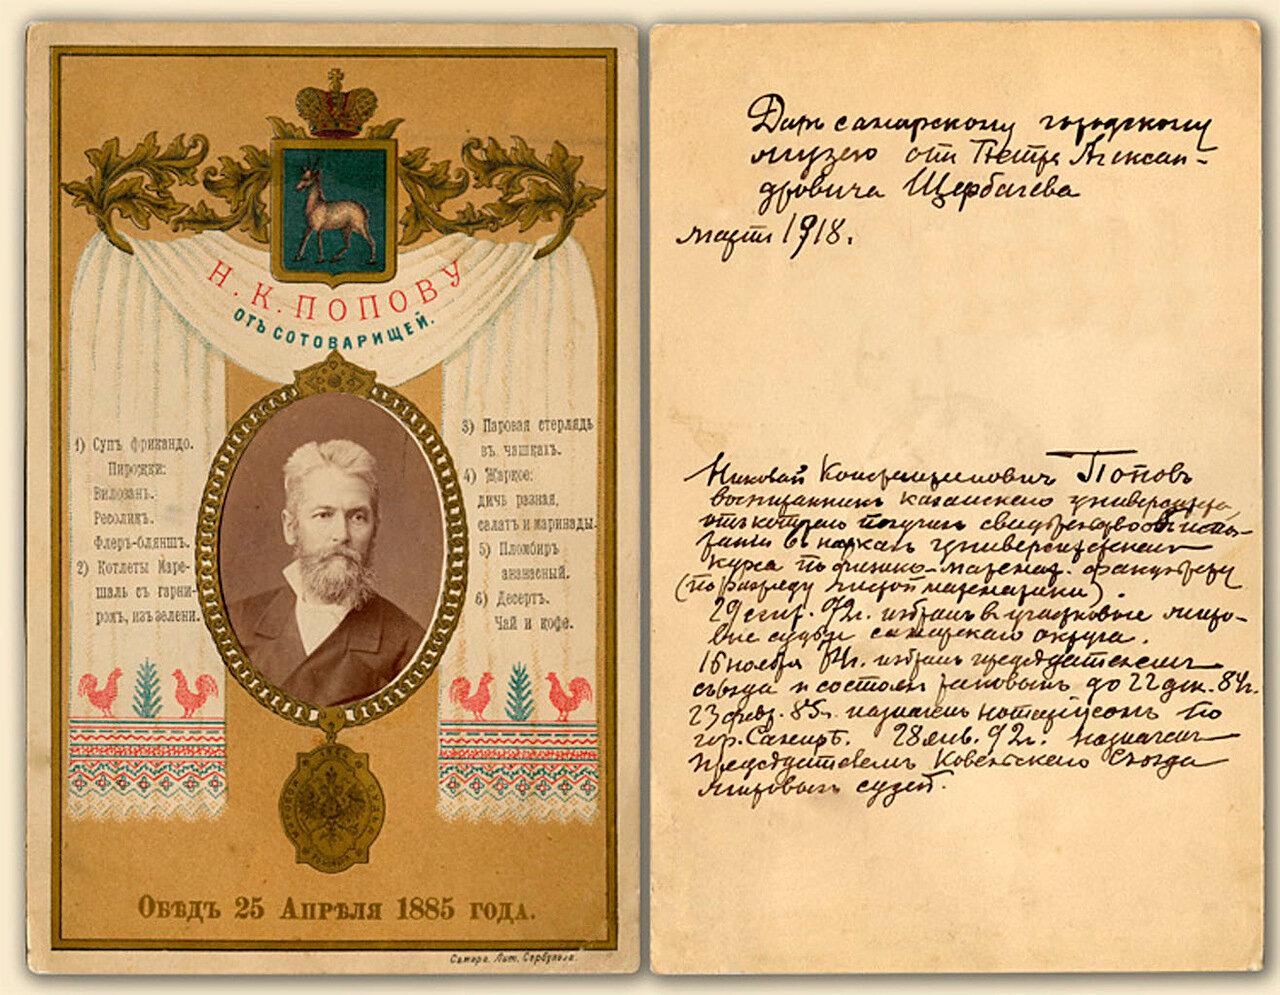 Меню обеда 25 апреля 1885 г. «от сотоварищей» в честь мирового судьи и нотариуса Самары Н.К.Попова